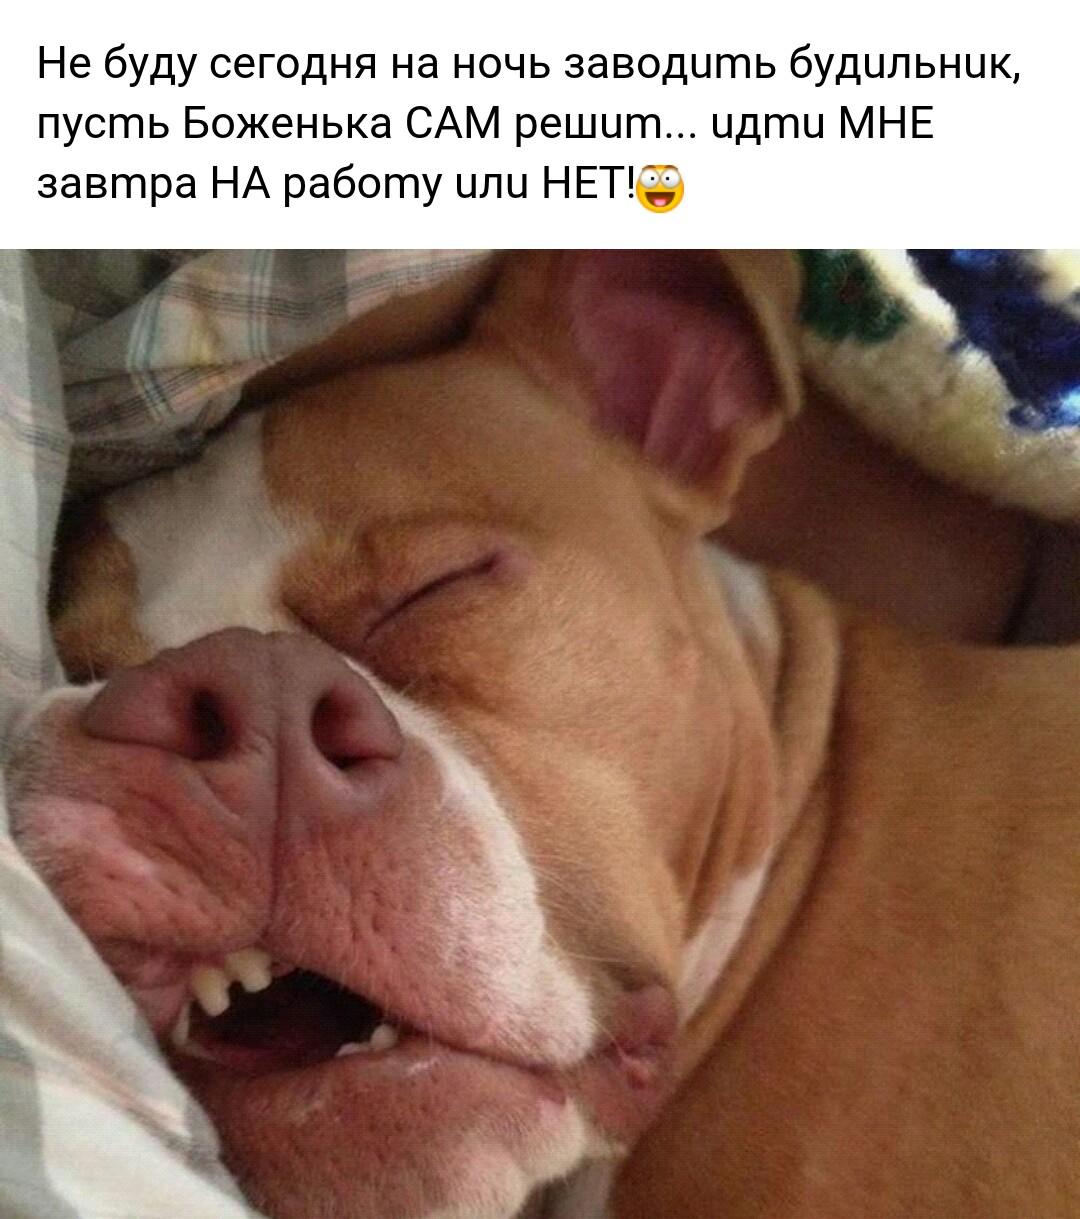 http://s9.uploads.ru/5L4HF.jpg